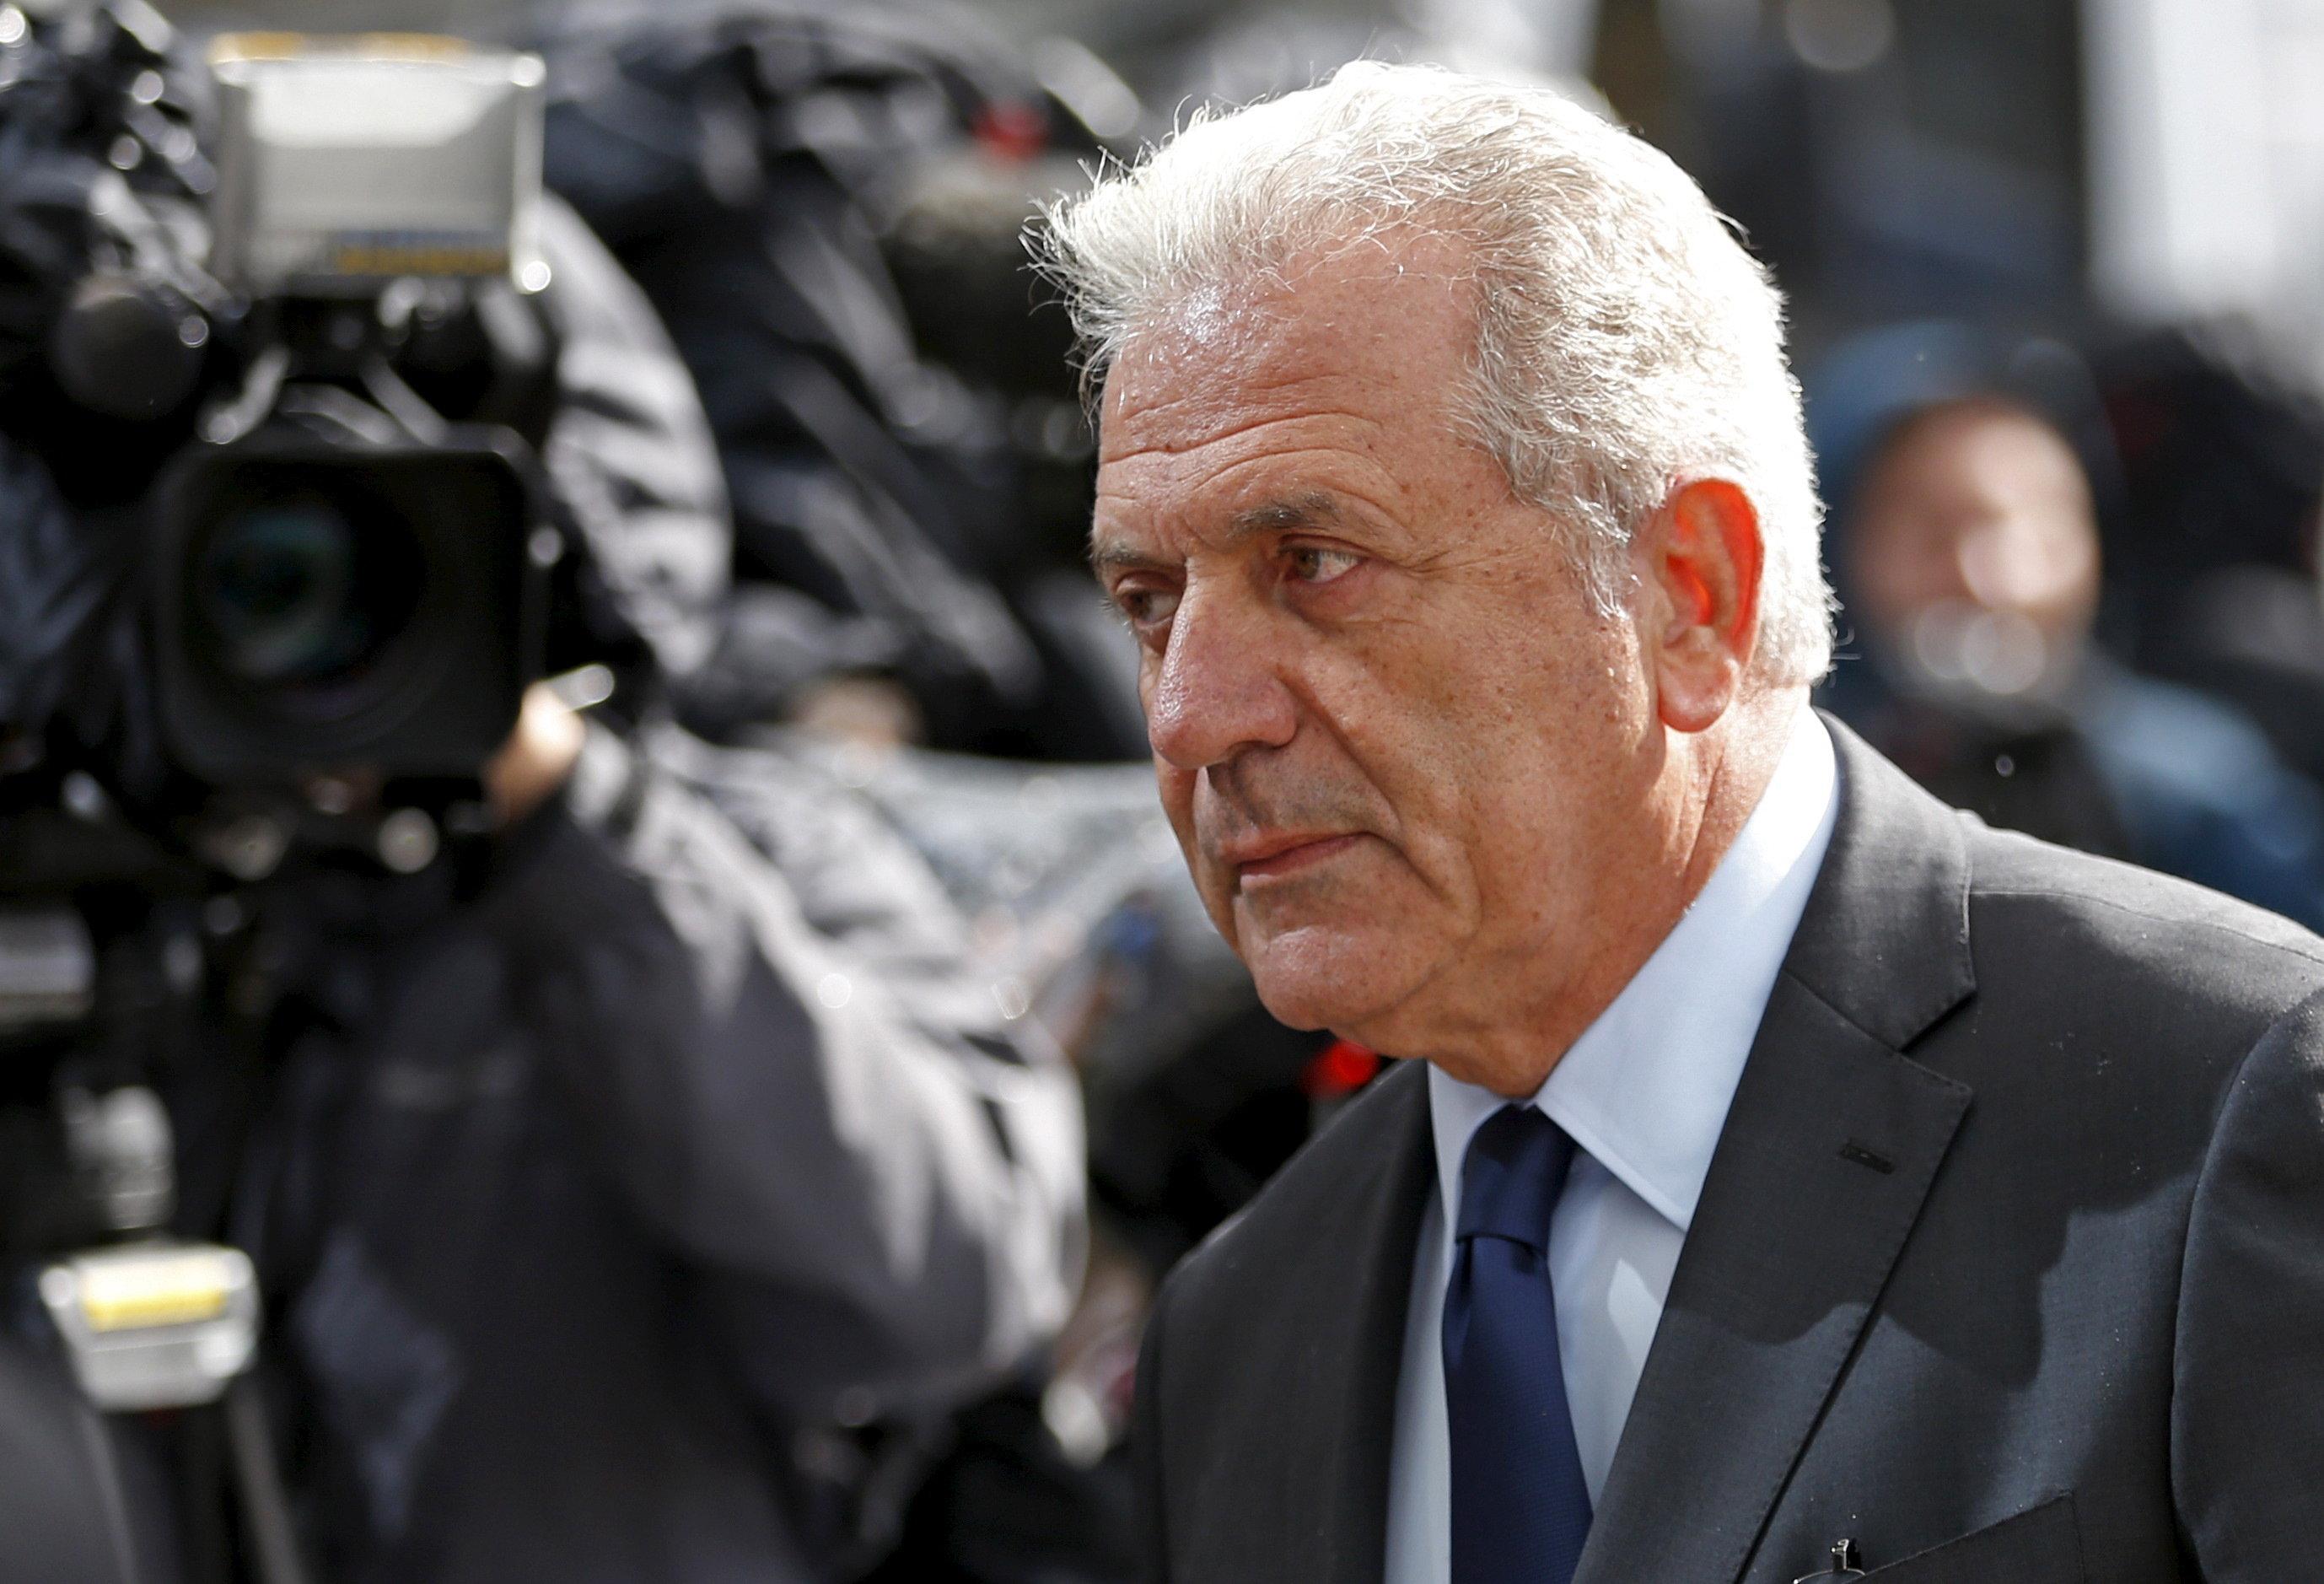 Politico: Αβραμόπουλος, ο Ευρωπαίος Επίτροπος που ανάγκασε τον Τουσκ να αναθεωρήσει τα σχέδιά του για τη